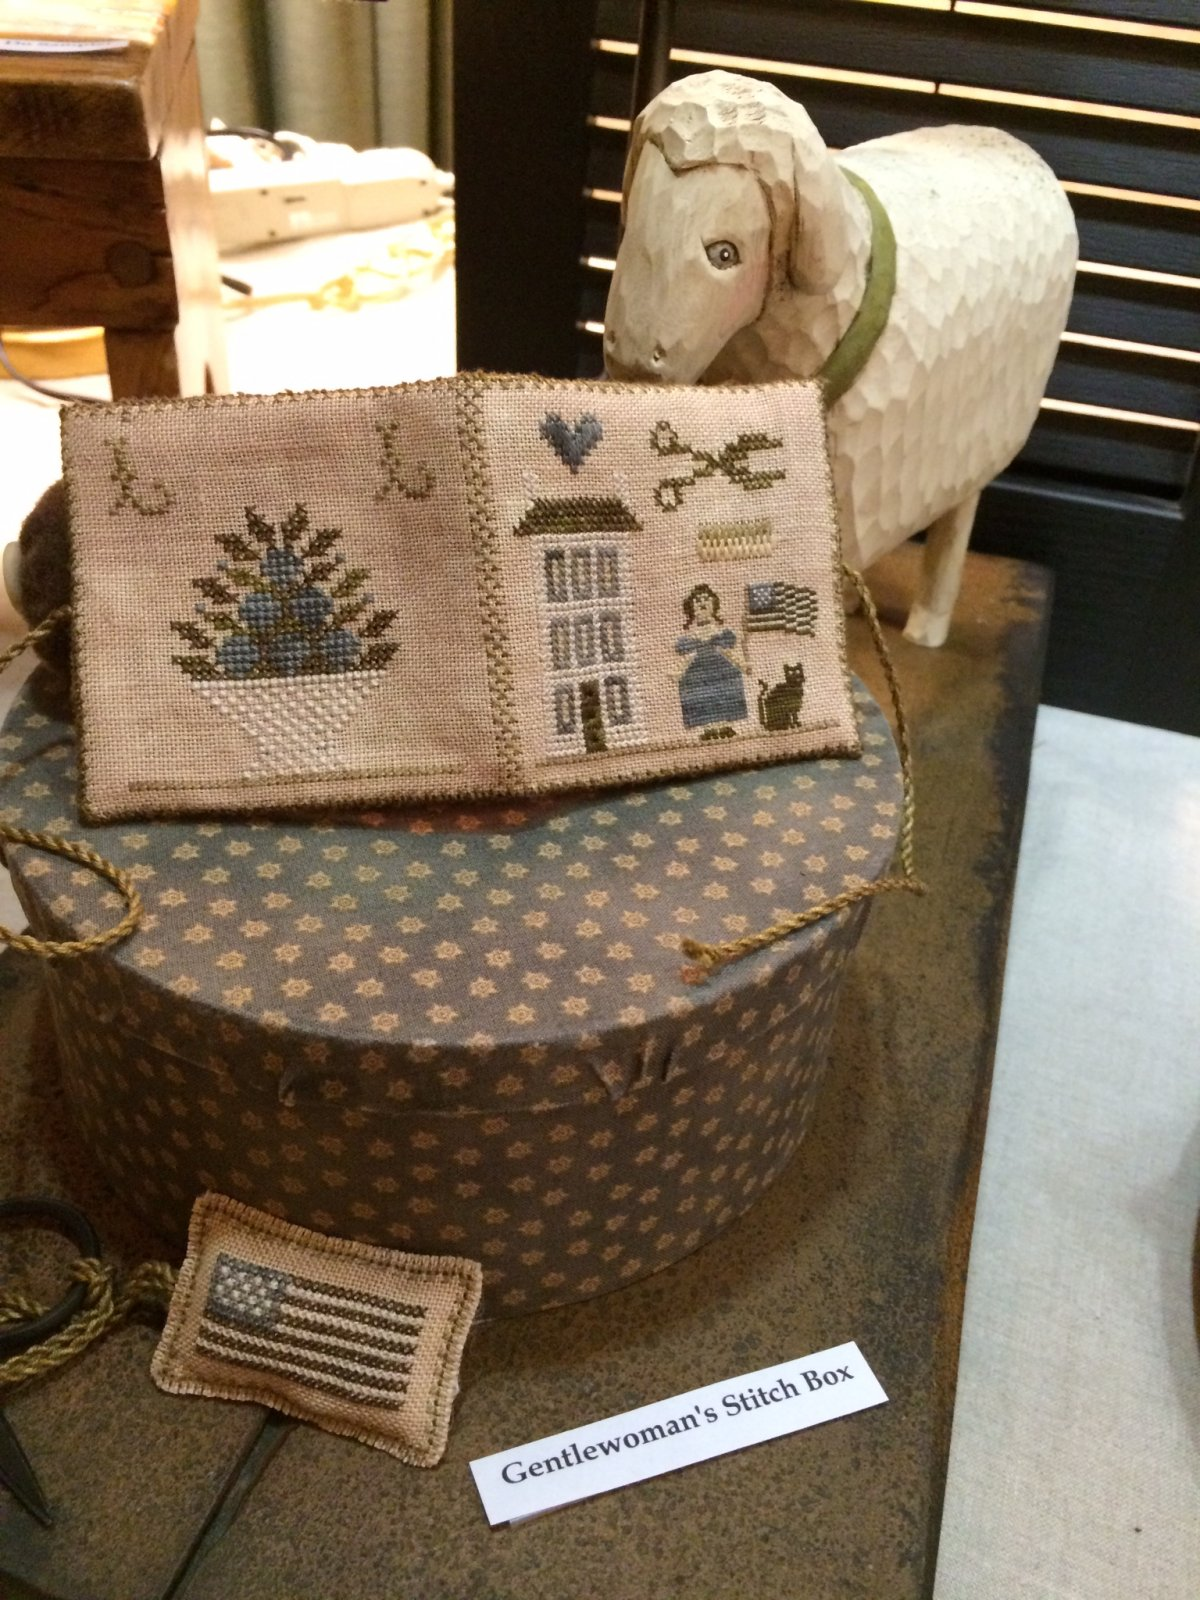 Gentlewoman's Stitch Box